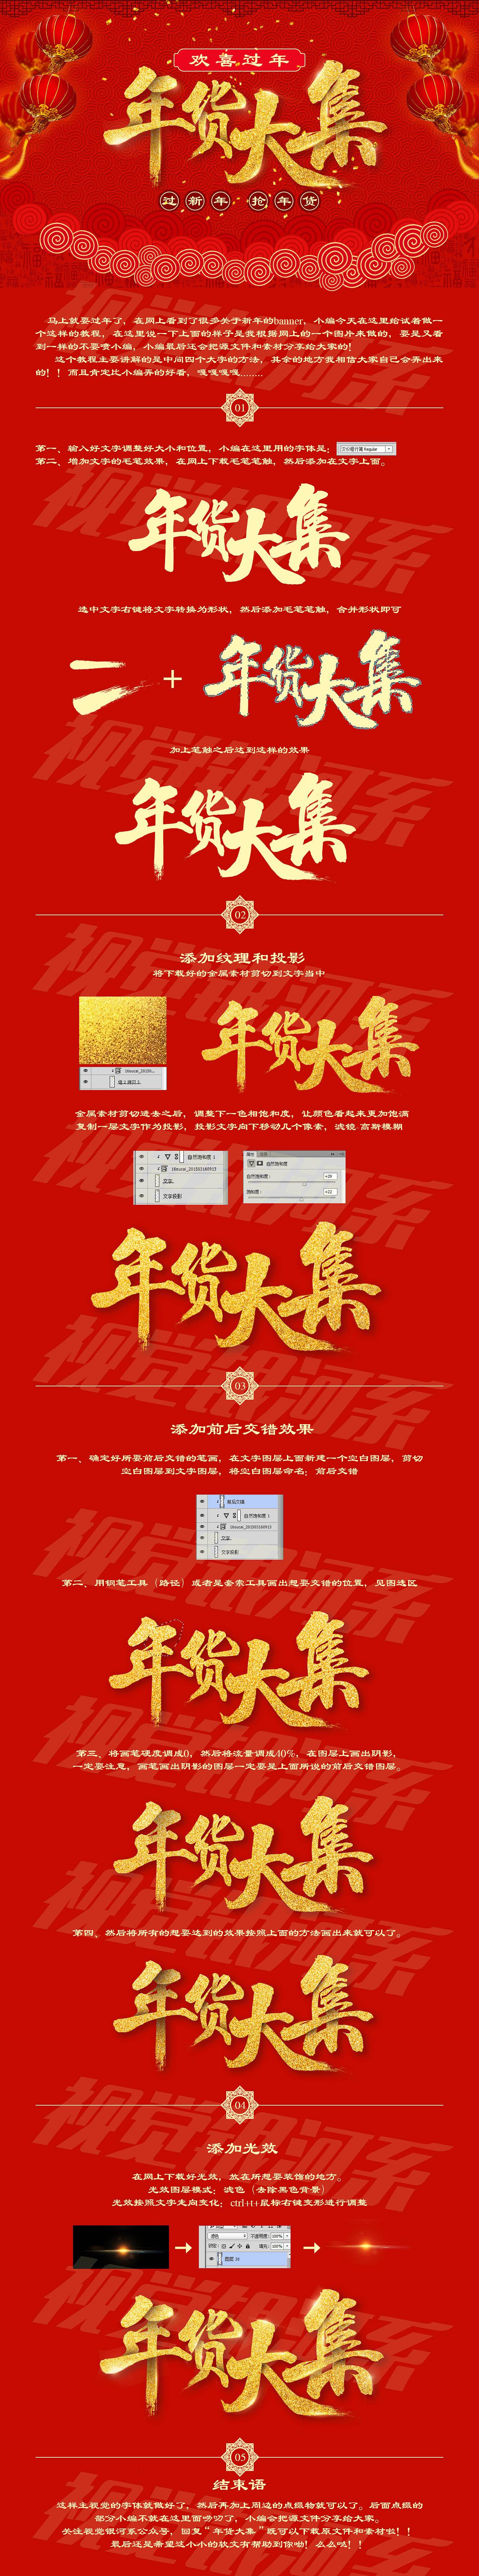 http://assets.kgc.cn/upload/image/20170116/1484556937938679.jpg